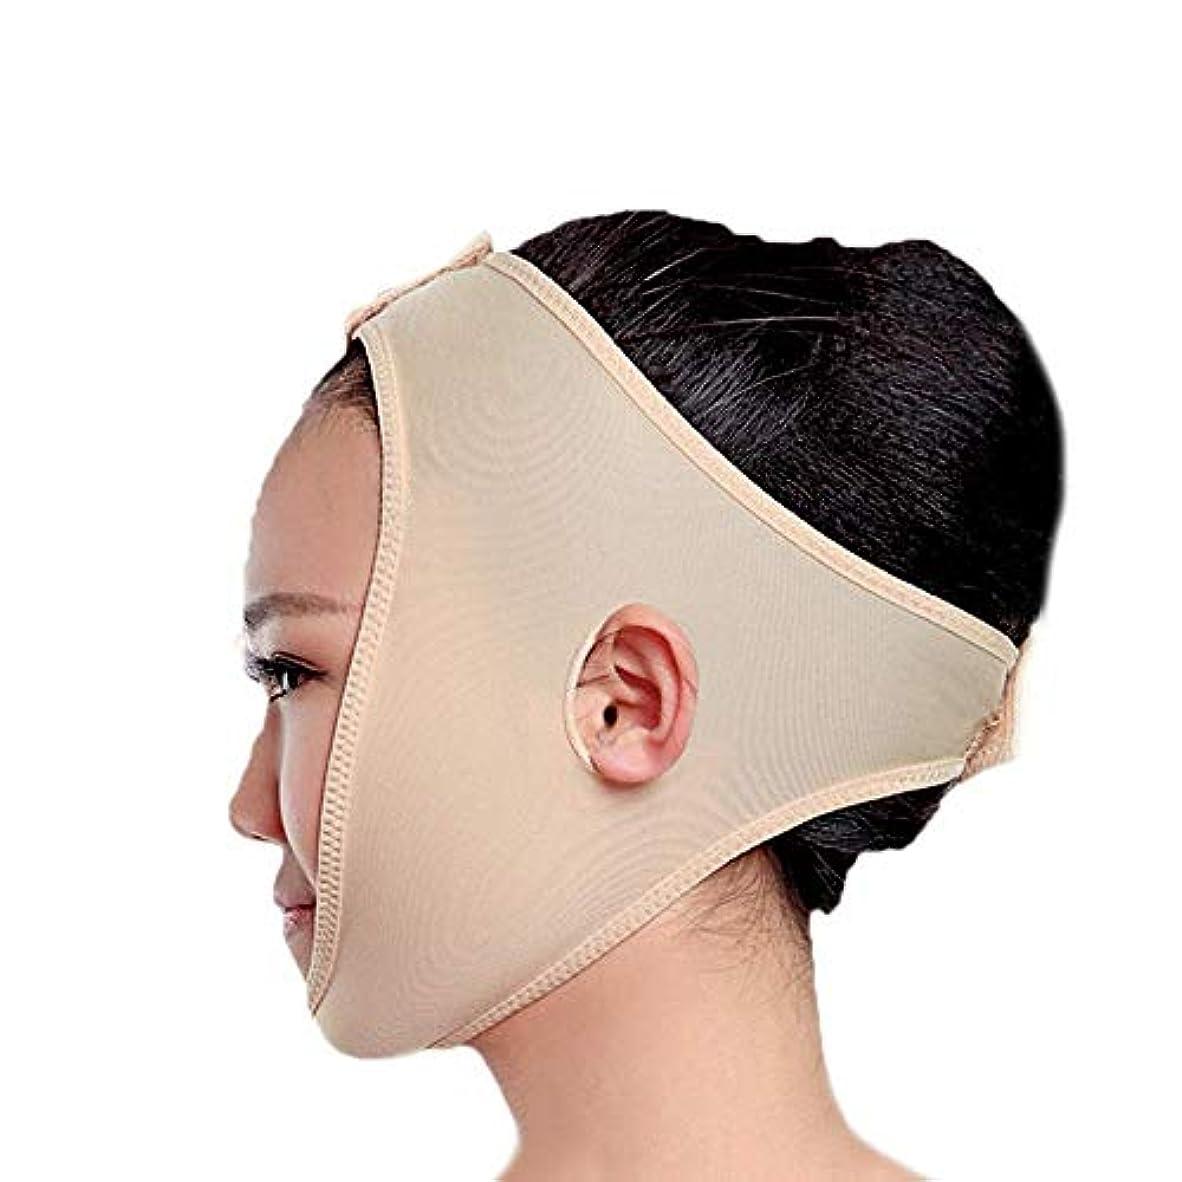 人工的な苦難興奮するフェイススリミングマスク、快適さと通気性、フェイシャルリフティング、輪郭の改善された硬さ、ファーミングとリフティングフェイス(カラー:ブラック、サイズ:XL),黄色がかったピンク2、M